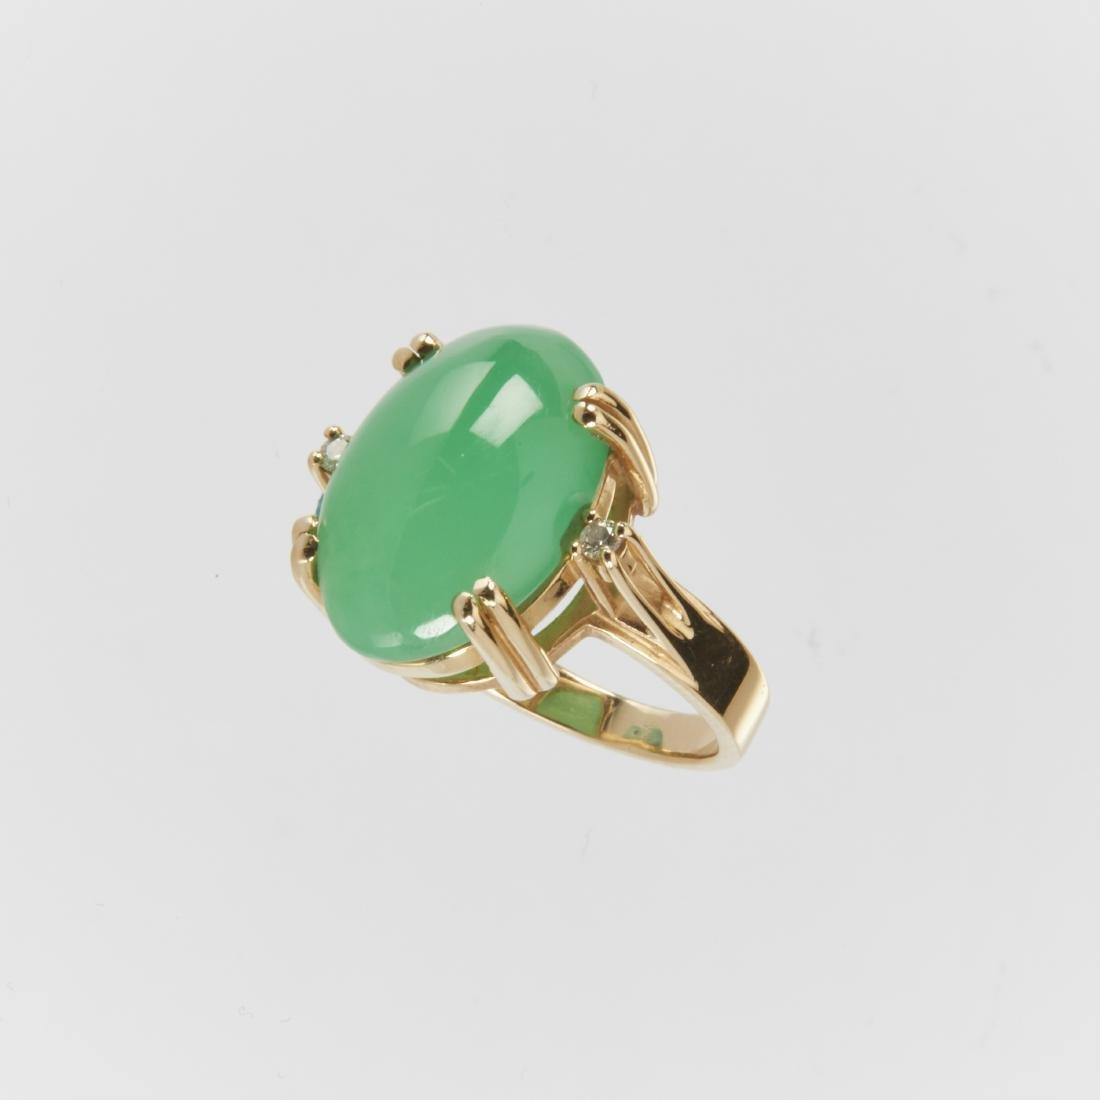 A 14K & Jade Ring & Earrings Set - 5